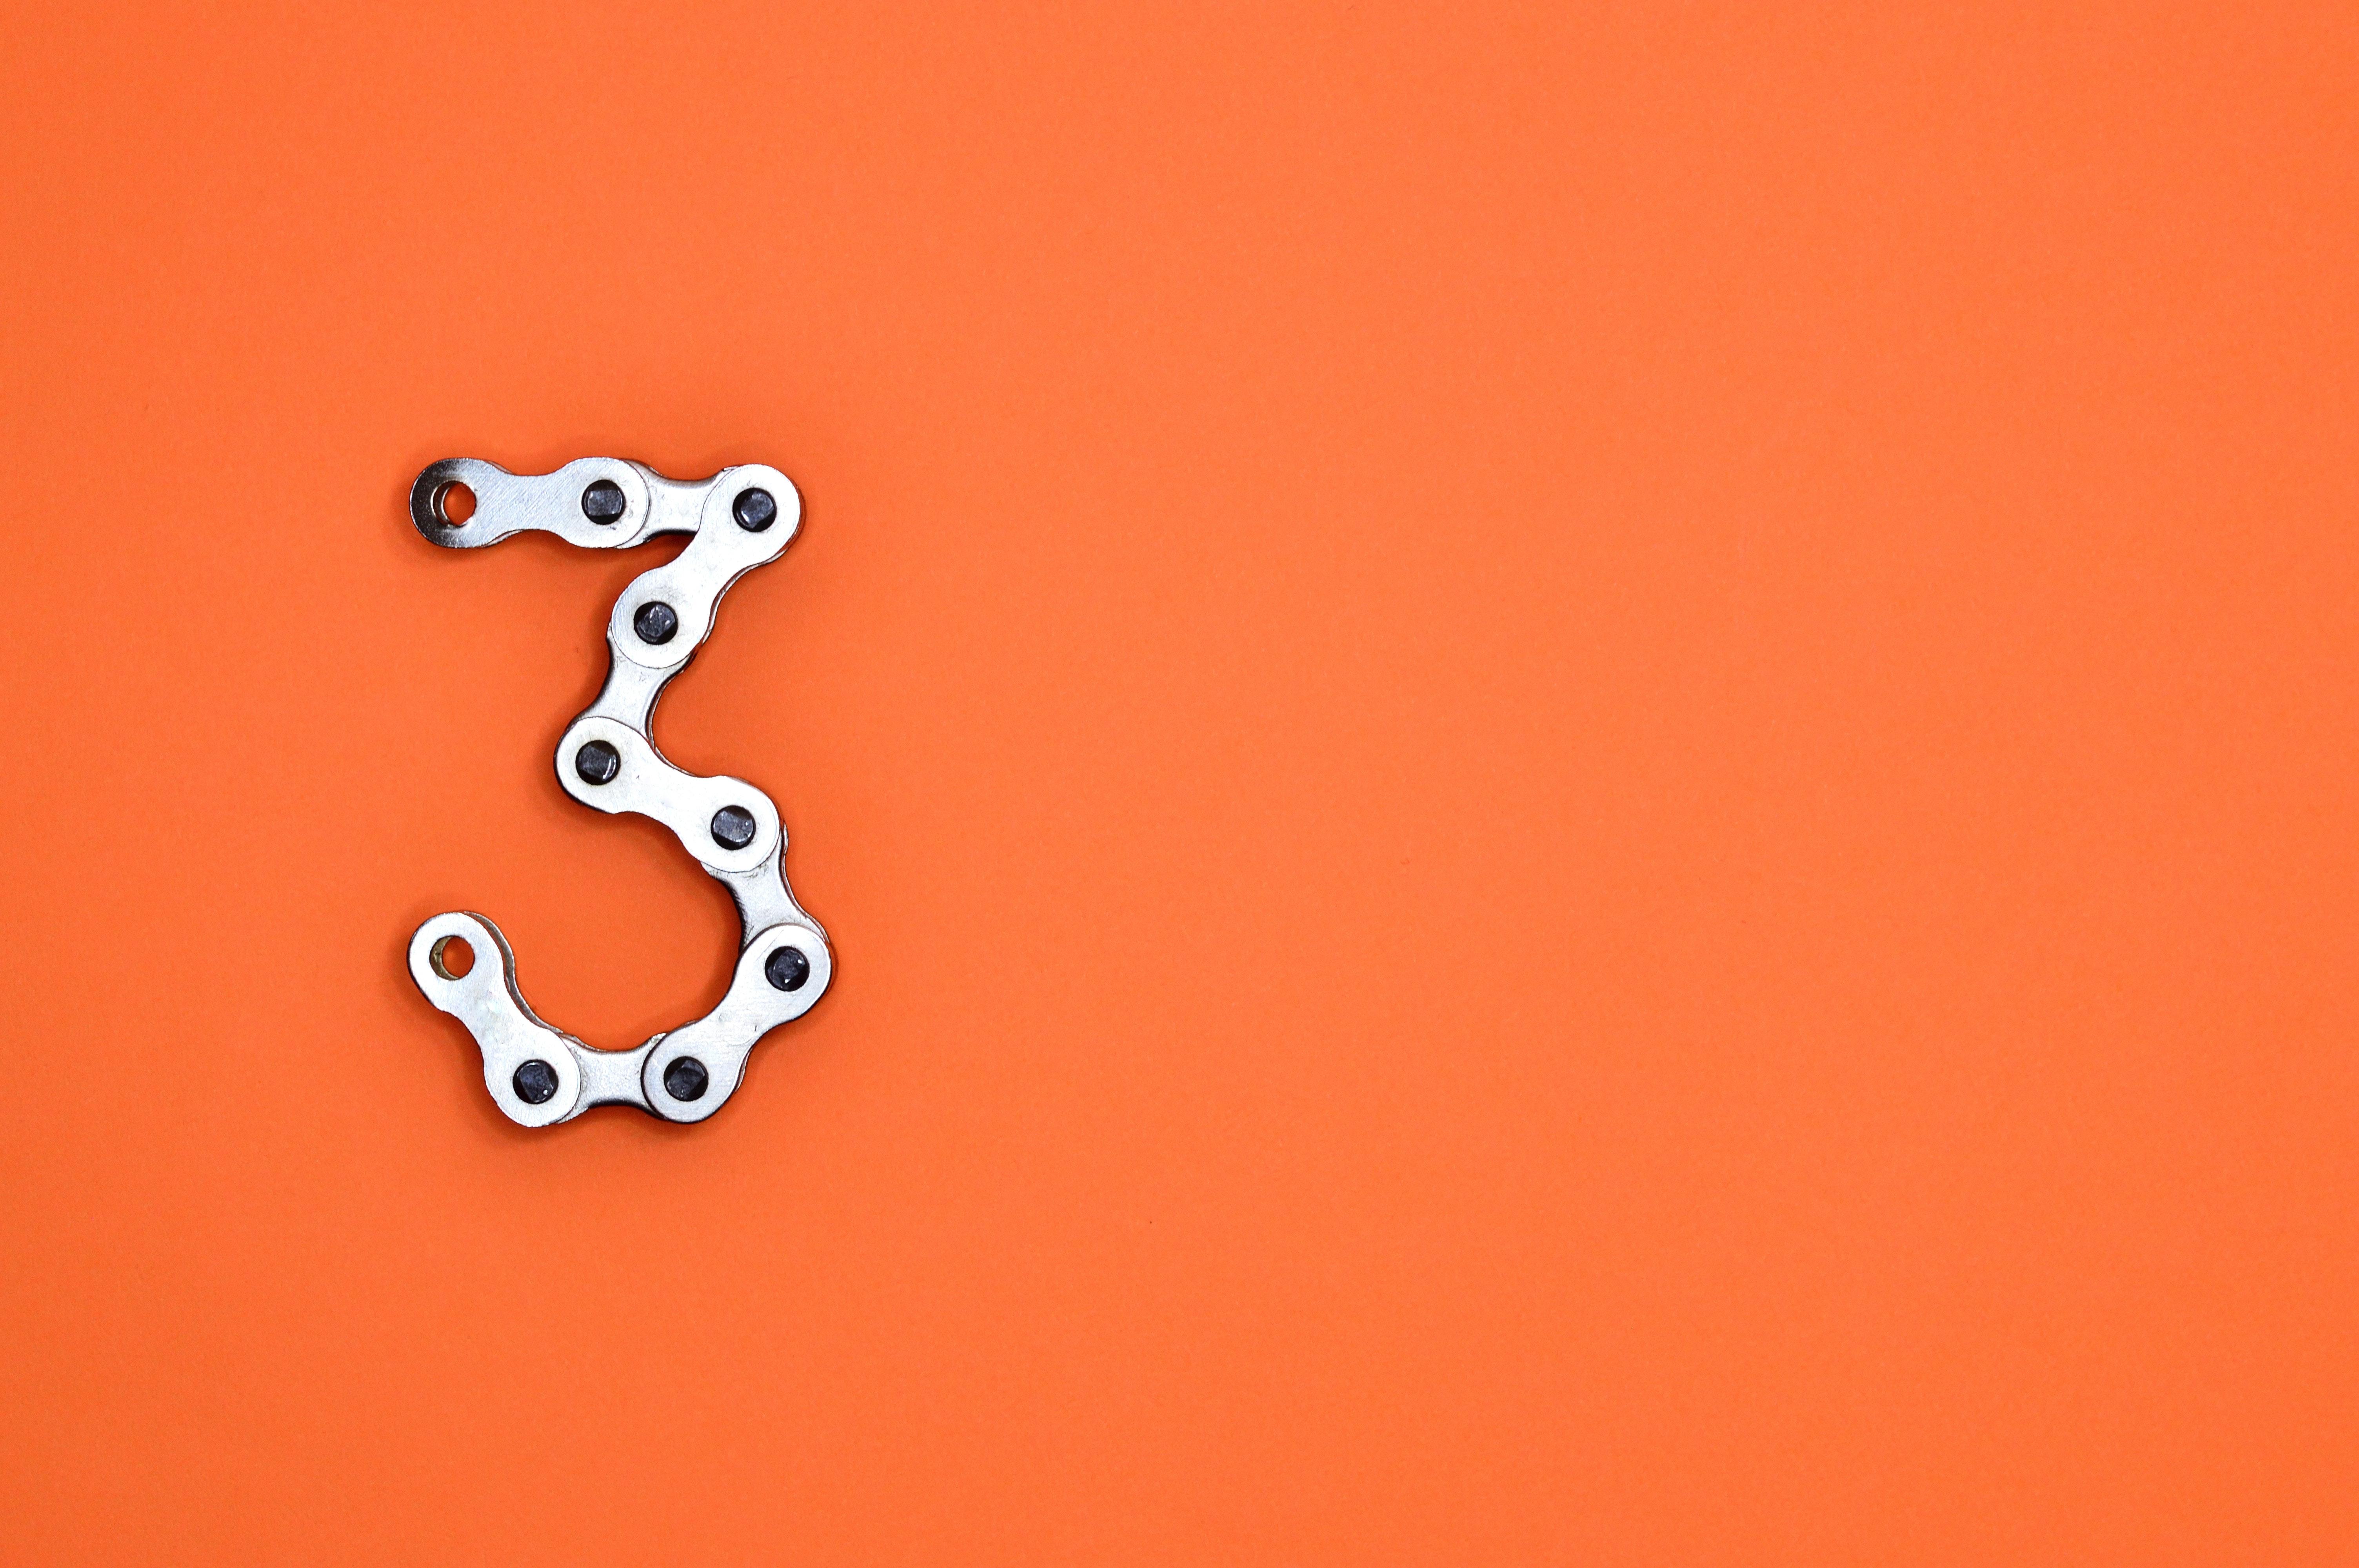 エンジェルナンバー【3】の意味・恋愛・結婚・片思い・復縁・仕事・お金の全てを説明